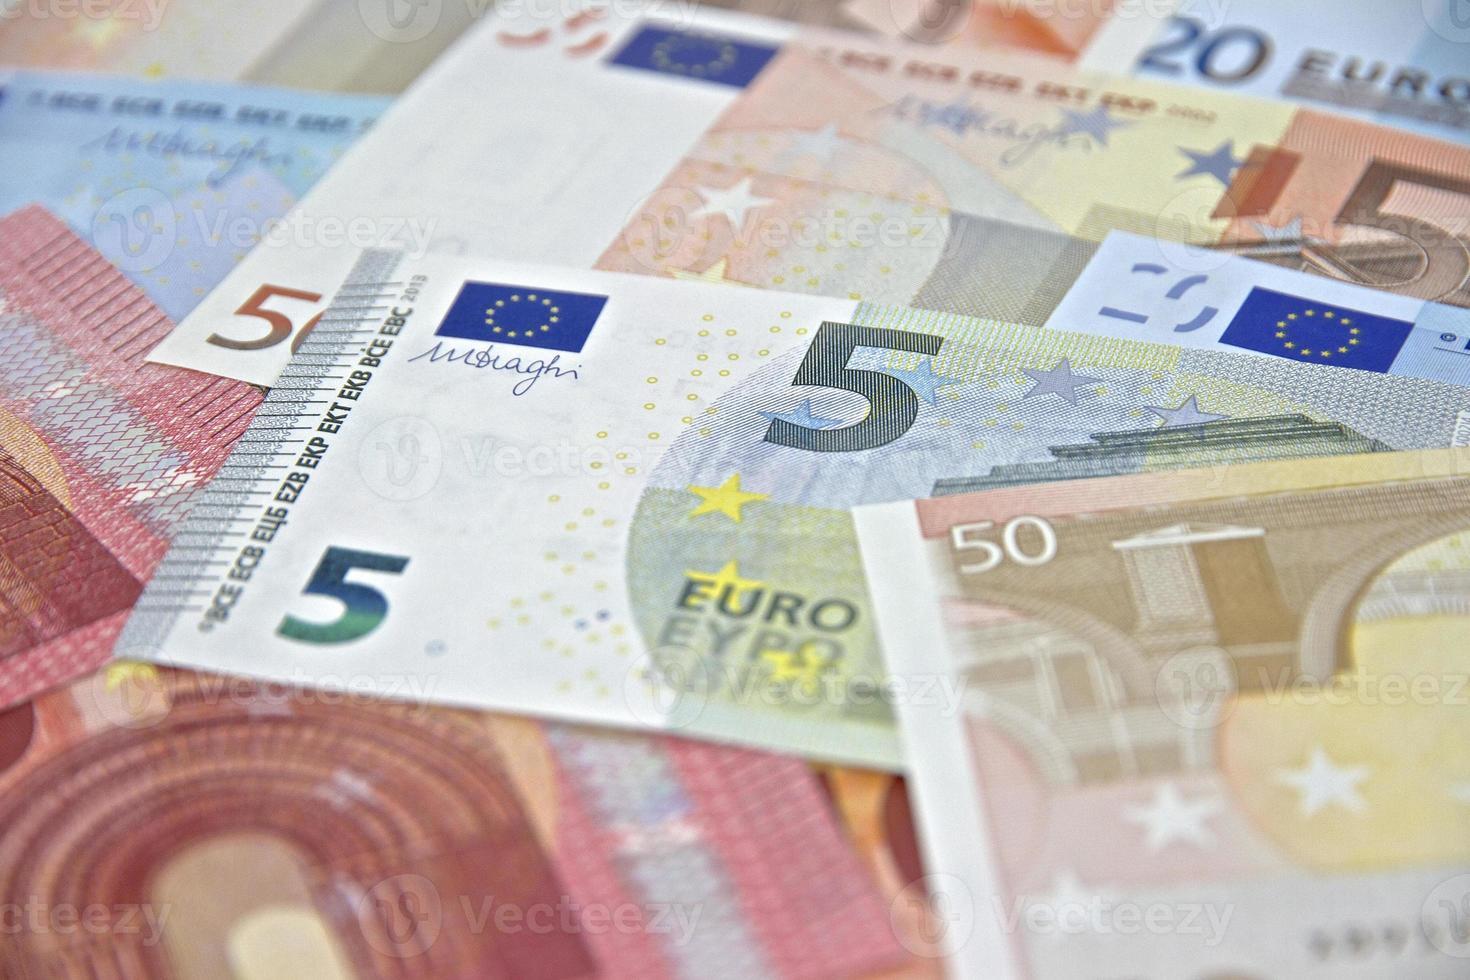 denaro - banconote in euro - valuta dell'Unione europea foto